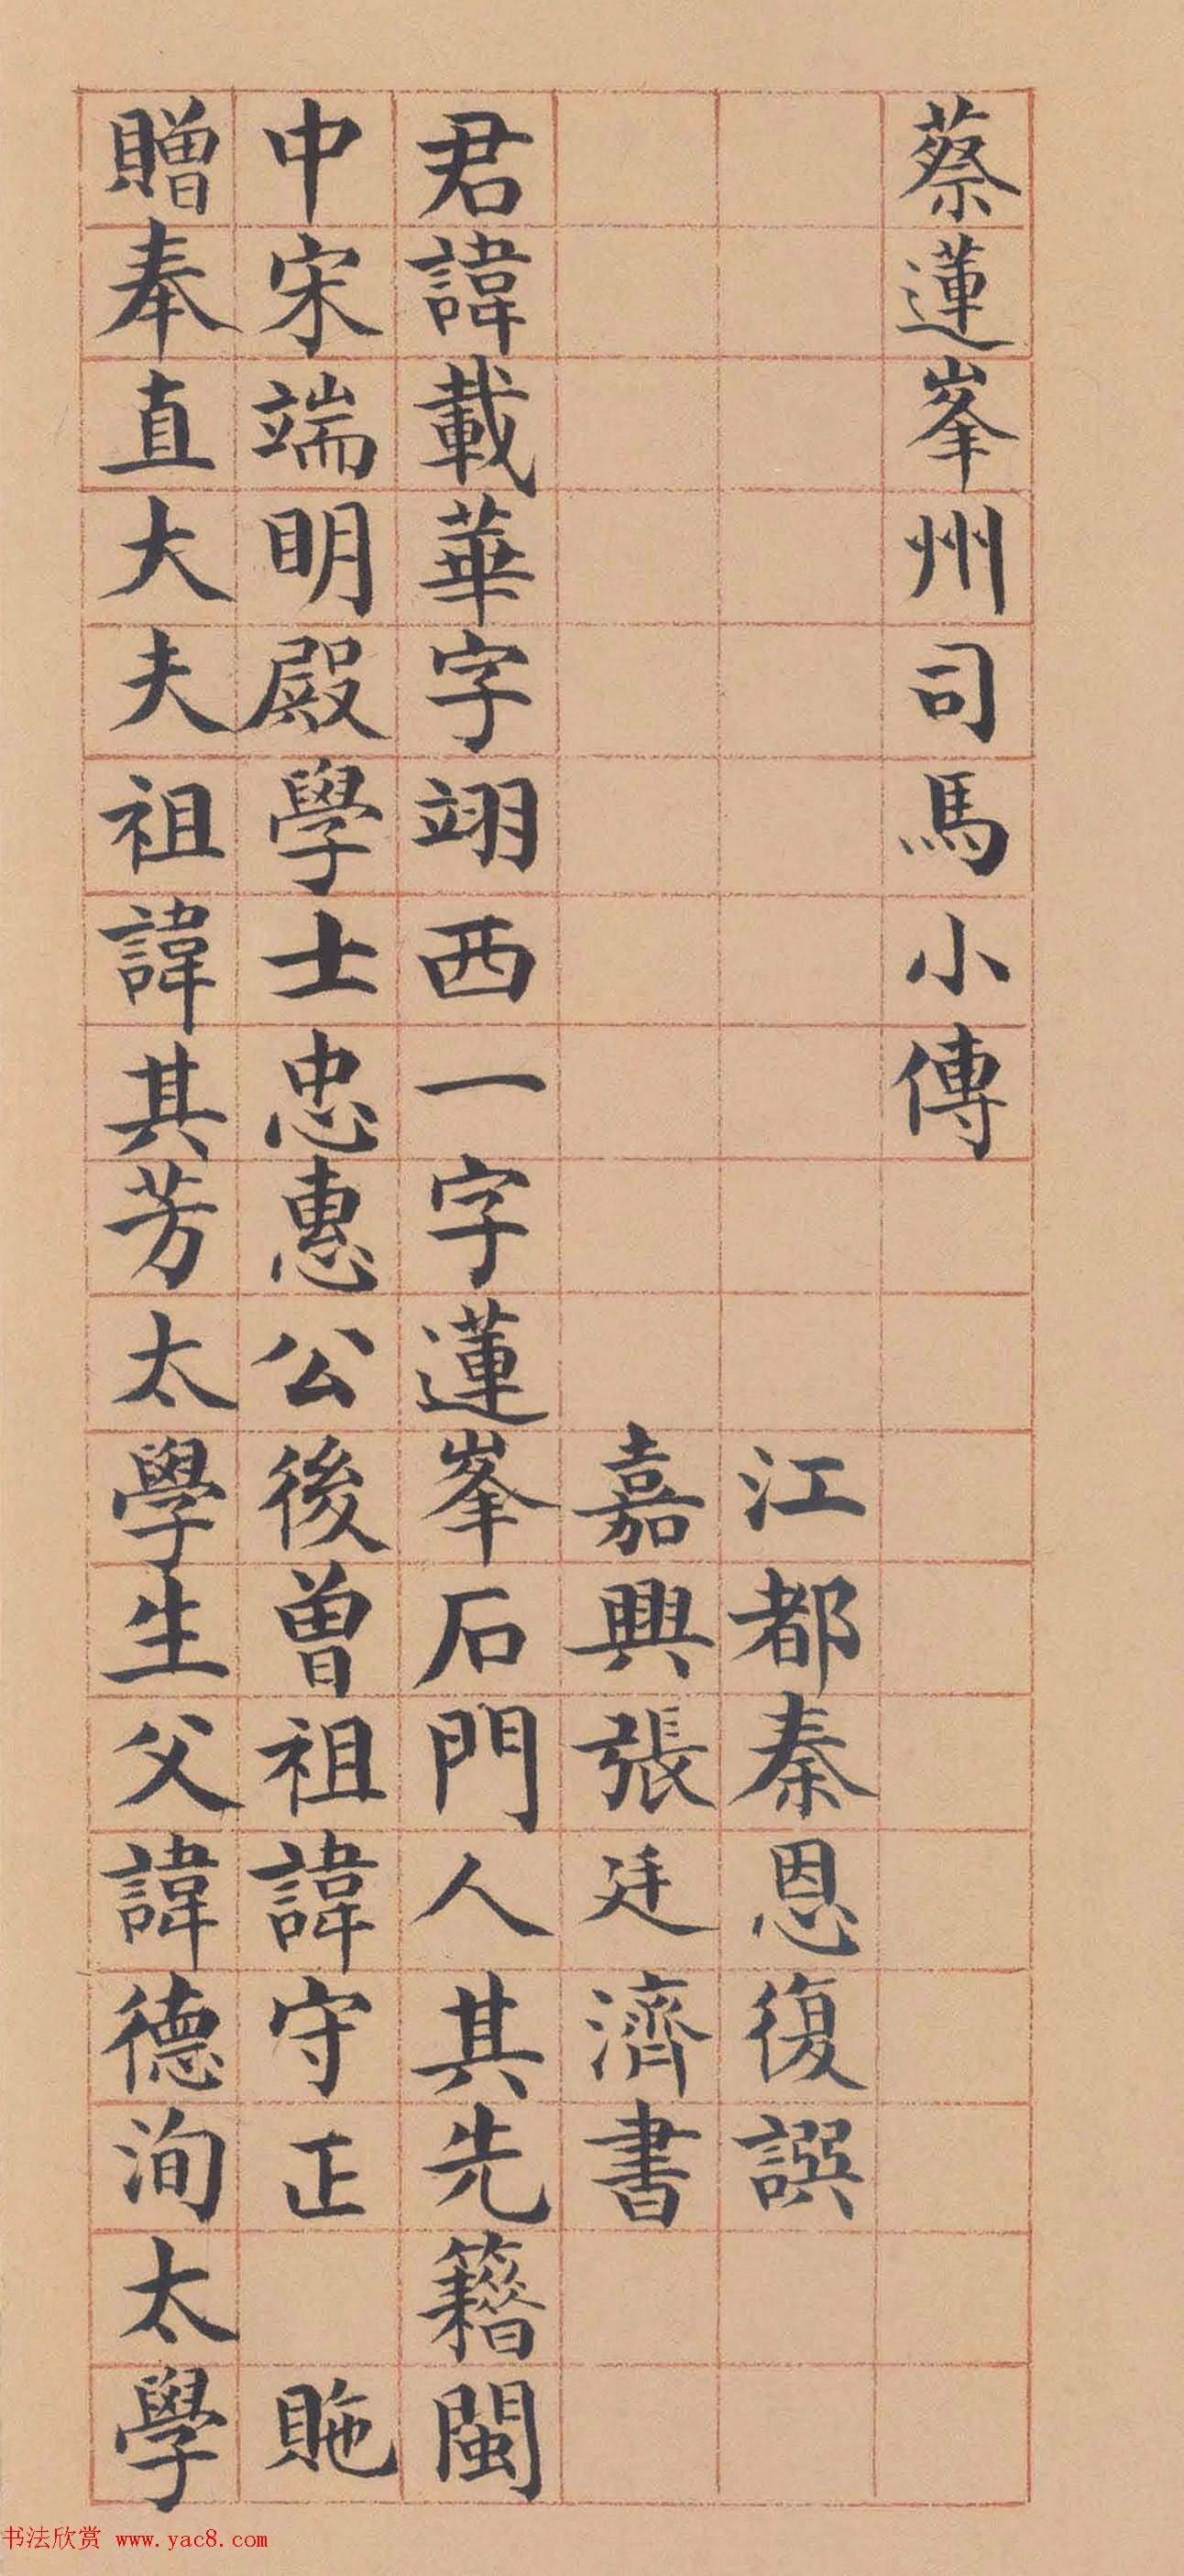 張廷濟楷書《蔡蓮峰州司馬小傳》(共6張圖片)